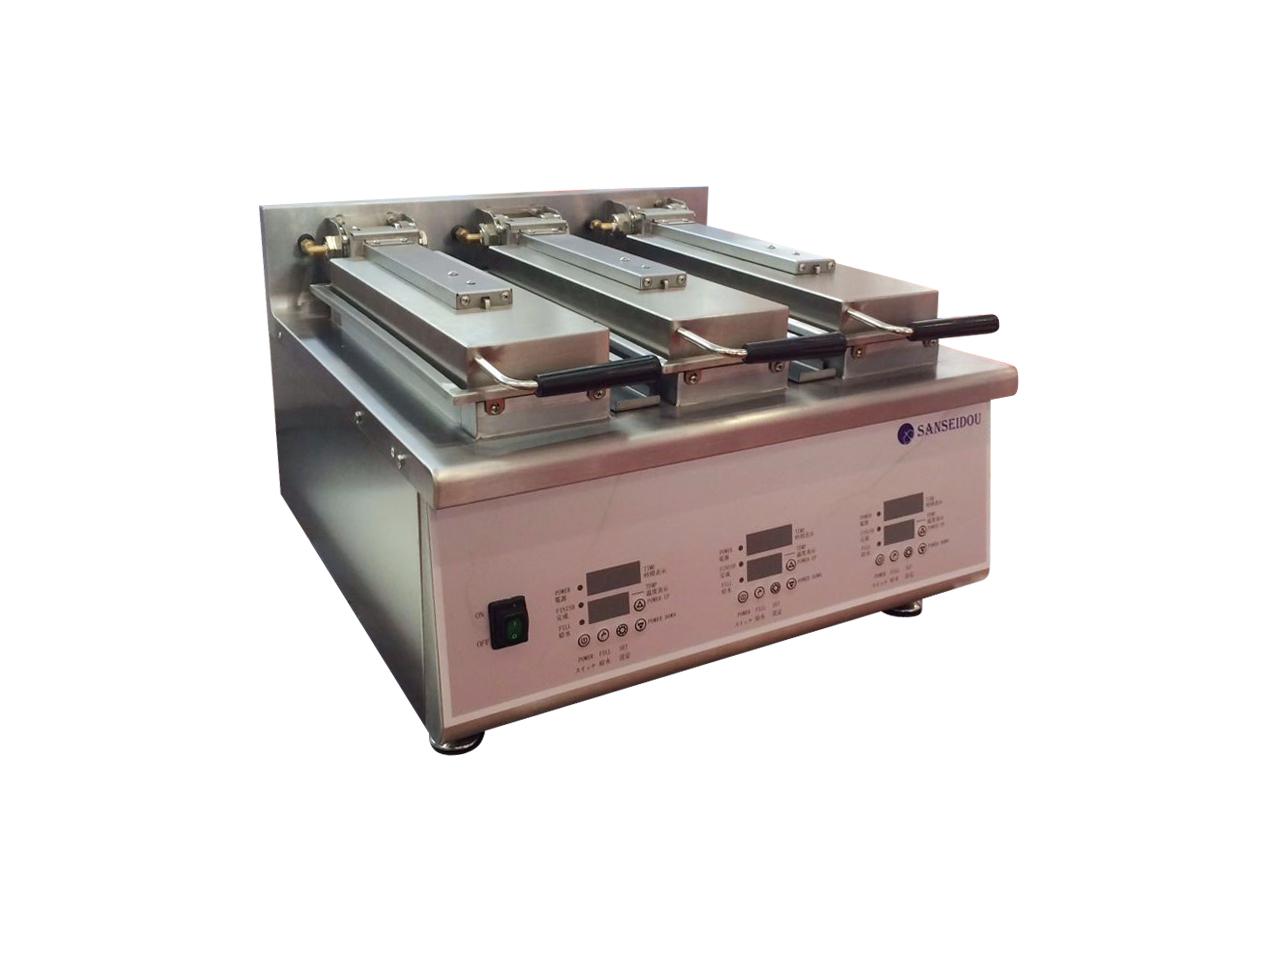 【海外向け商品・代引不可】電気自動餃子焼器 3連式 卓上タイプ 三省堂実業製 STDM-T-E3 W600×D631× H410